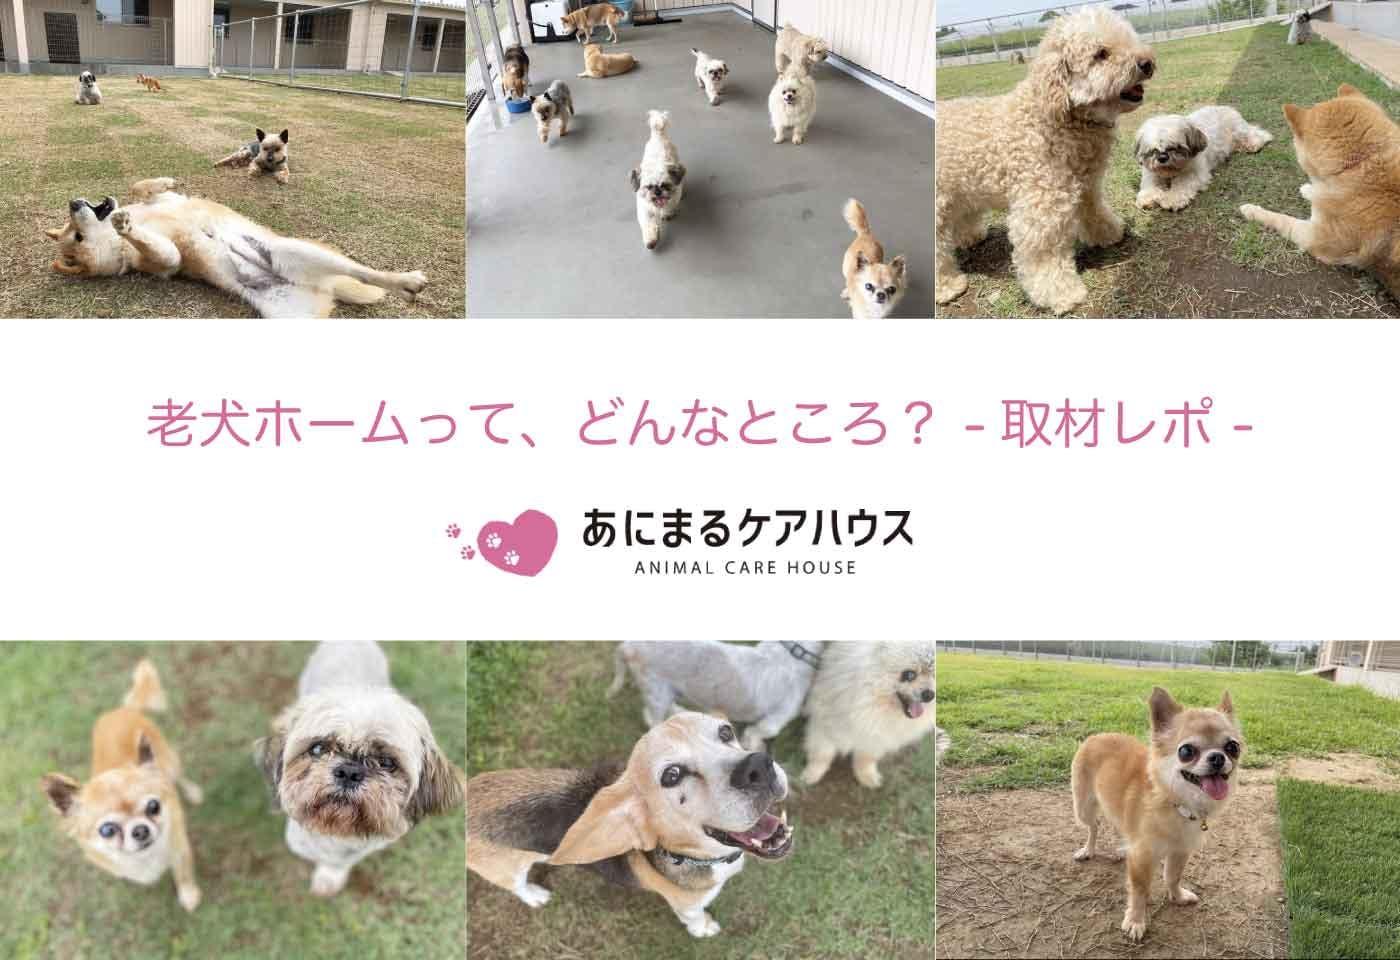 埼玉県のドッグランつき老犬ホーム「あにまるケアハウス」取材レポート